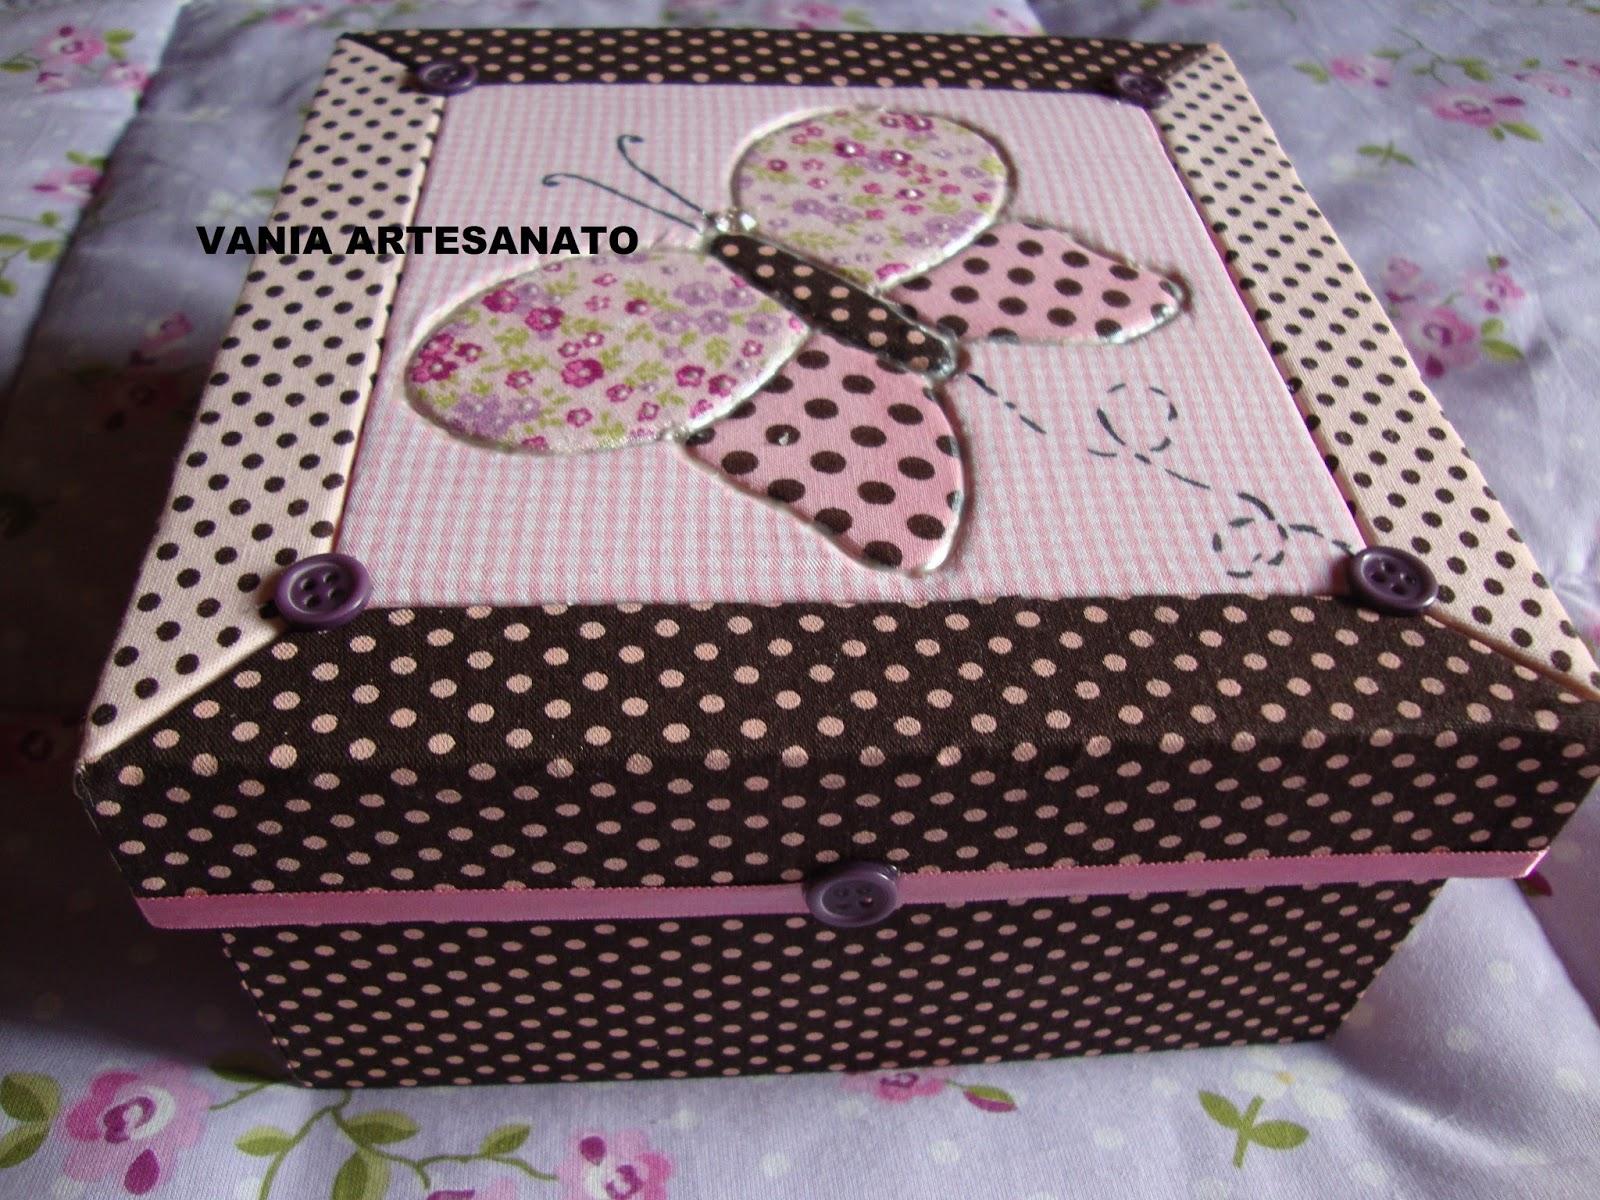 Adesivo De Herpes Labial ~ Vania artesanato CAIXA TECIDO COM PATCHWORK SEM COSTURA